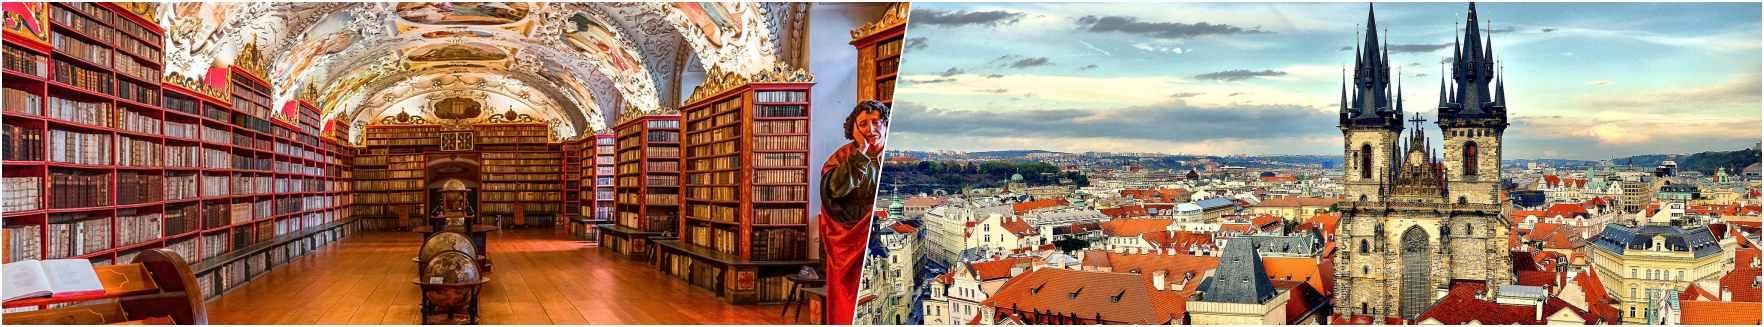 Strahov Monastery - Prague Castle